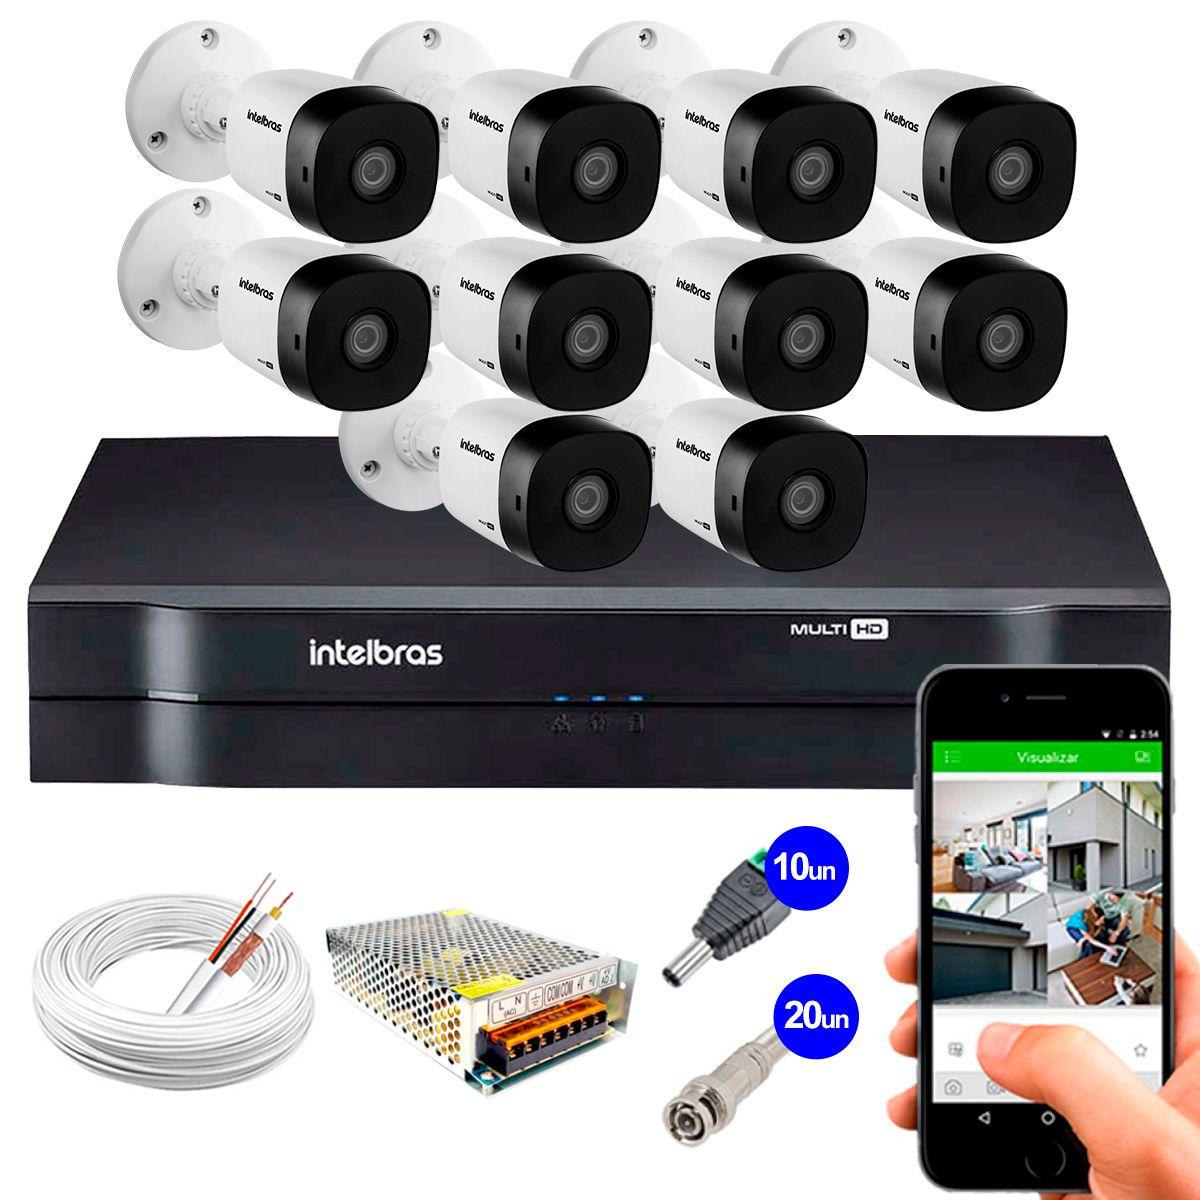 Kit 10 Câmeras VHD 1010 B G5 + DVR Intelbras + App Grátis de Monitoramento, HD 720p 10m Infravermelho + Cabos e Acessórios  - Tudo Forte